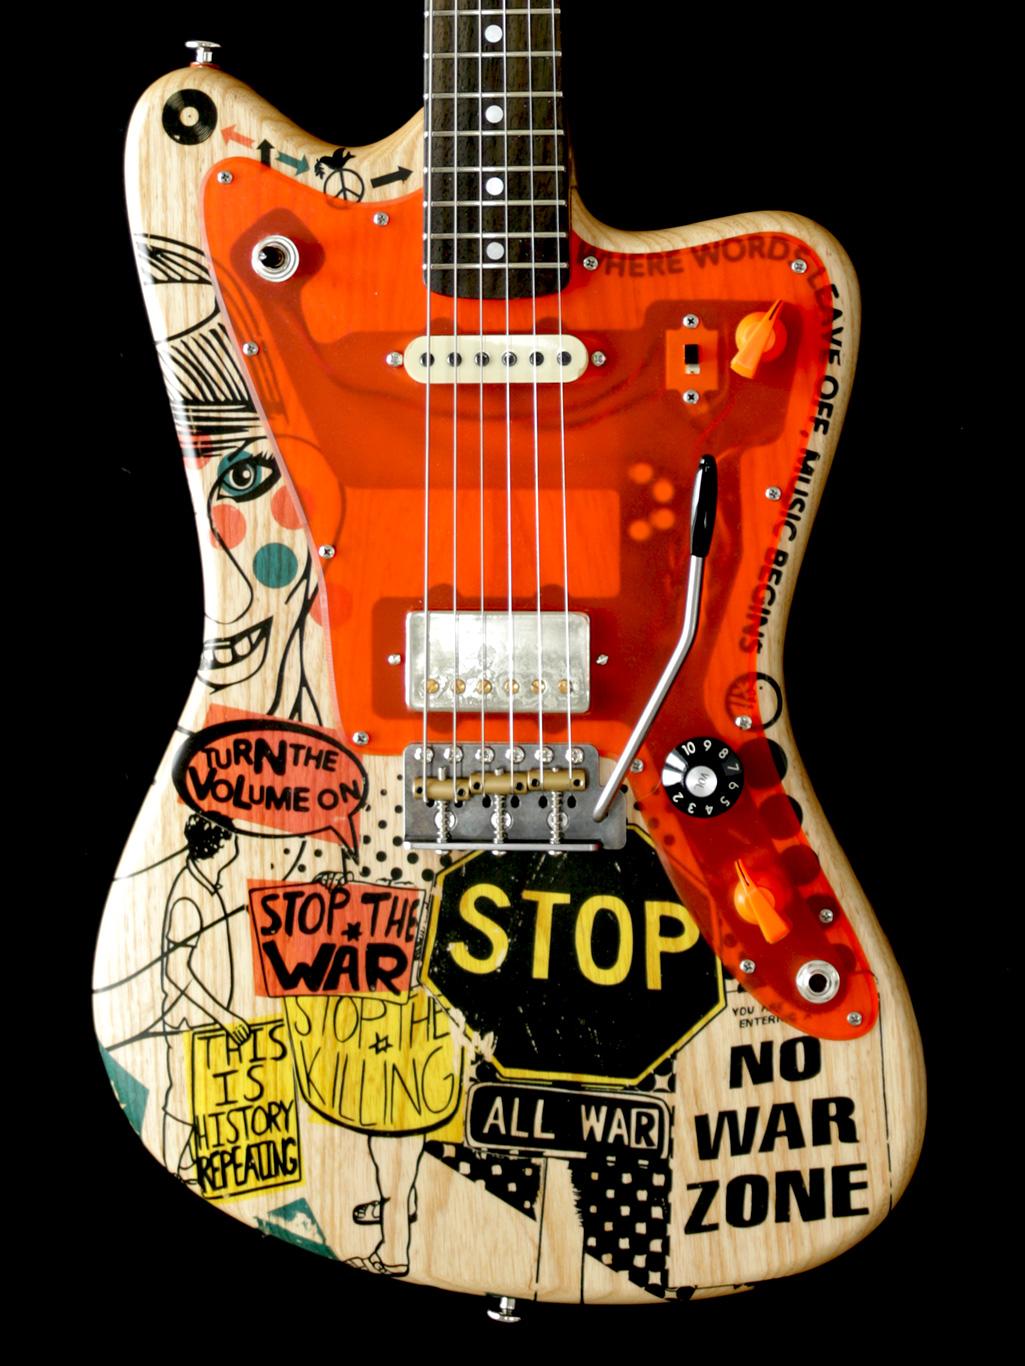 Deimel Firestar Artist Edition »STOP THE WAR«, art by Kora Jünger